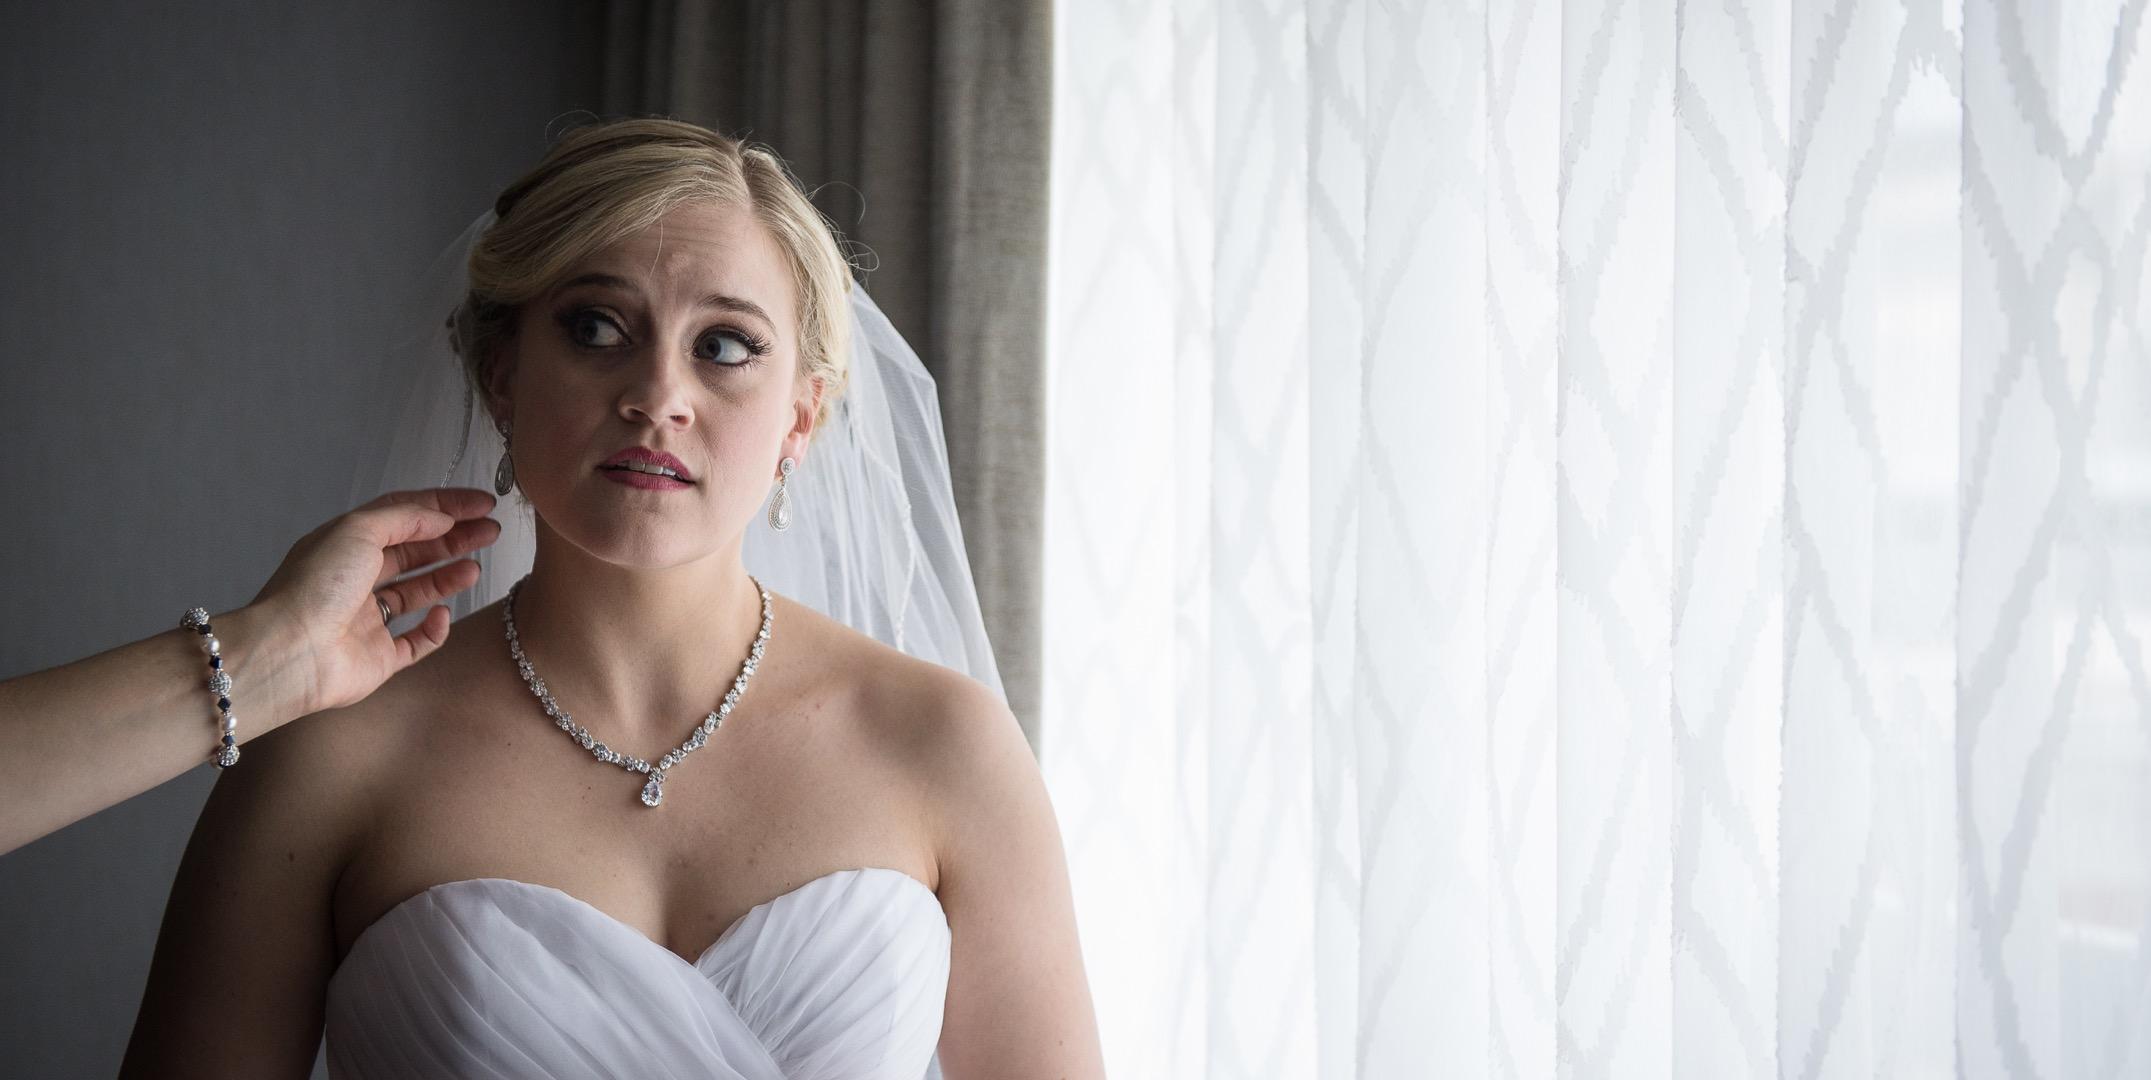 Не брак, а сказка, или Есть ли жизнь после свадьбы